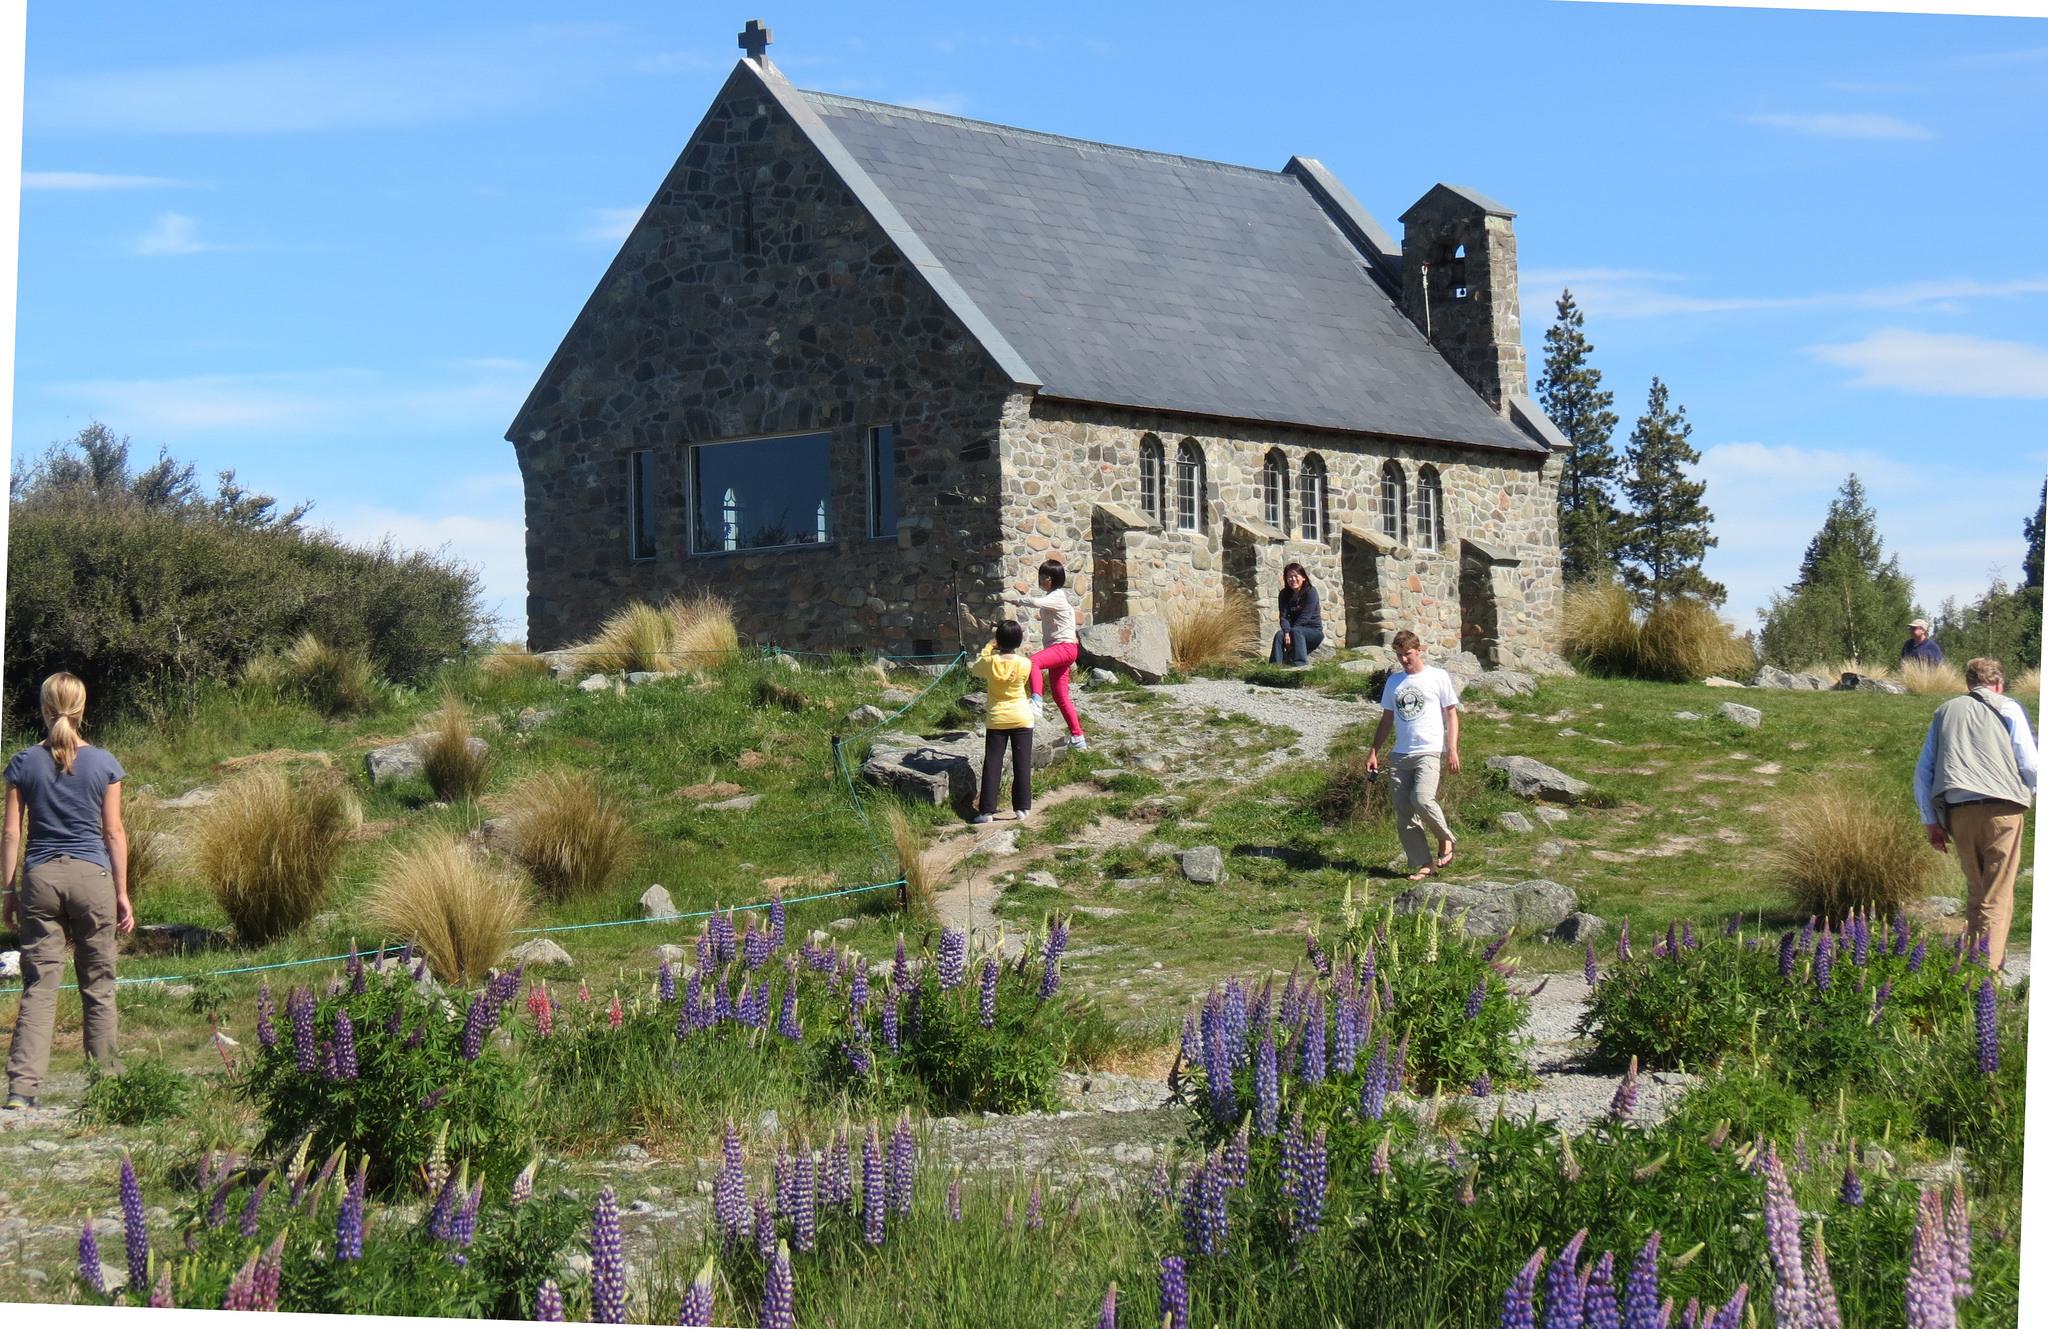 牧羊人教堂  Gwydion M Williams/CC BY 2.0/https://www.flickr.com/photos/45909111@N00/8948706351